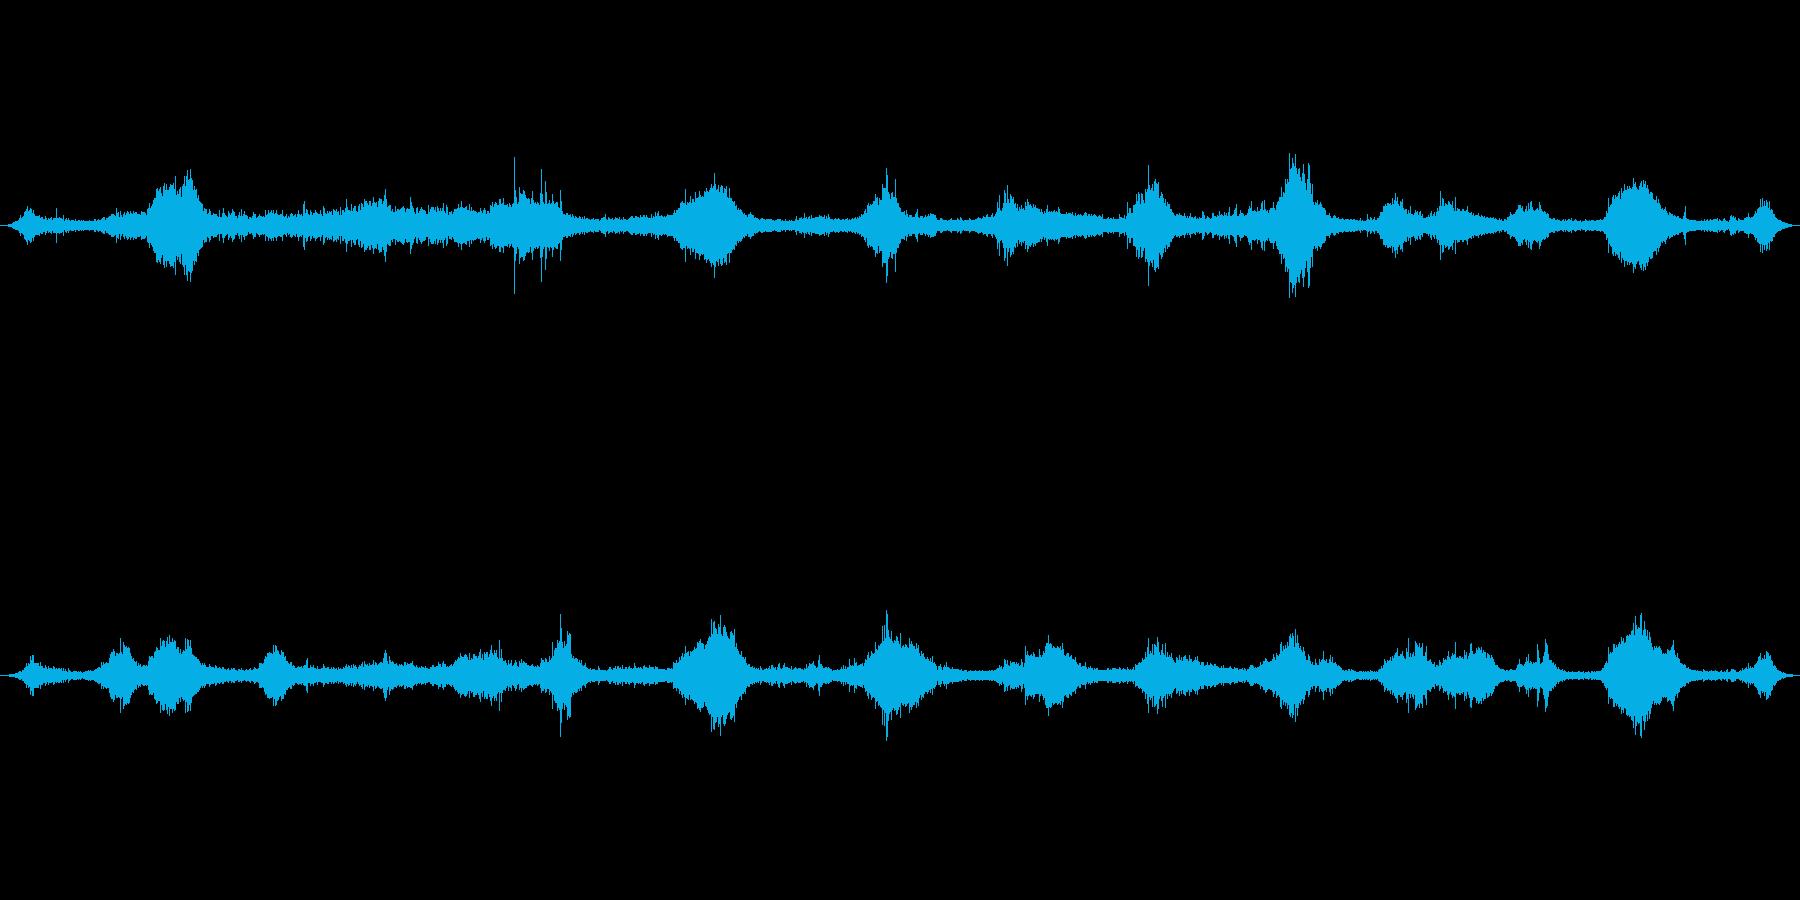 沖縄珊瑚の浜満潮の波音01の再生済みの波形